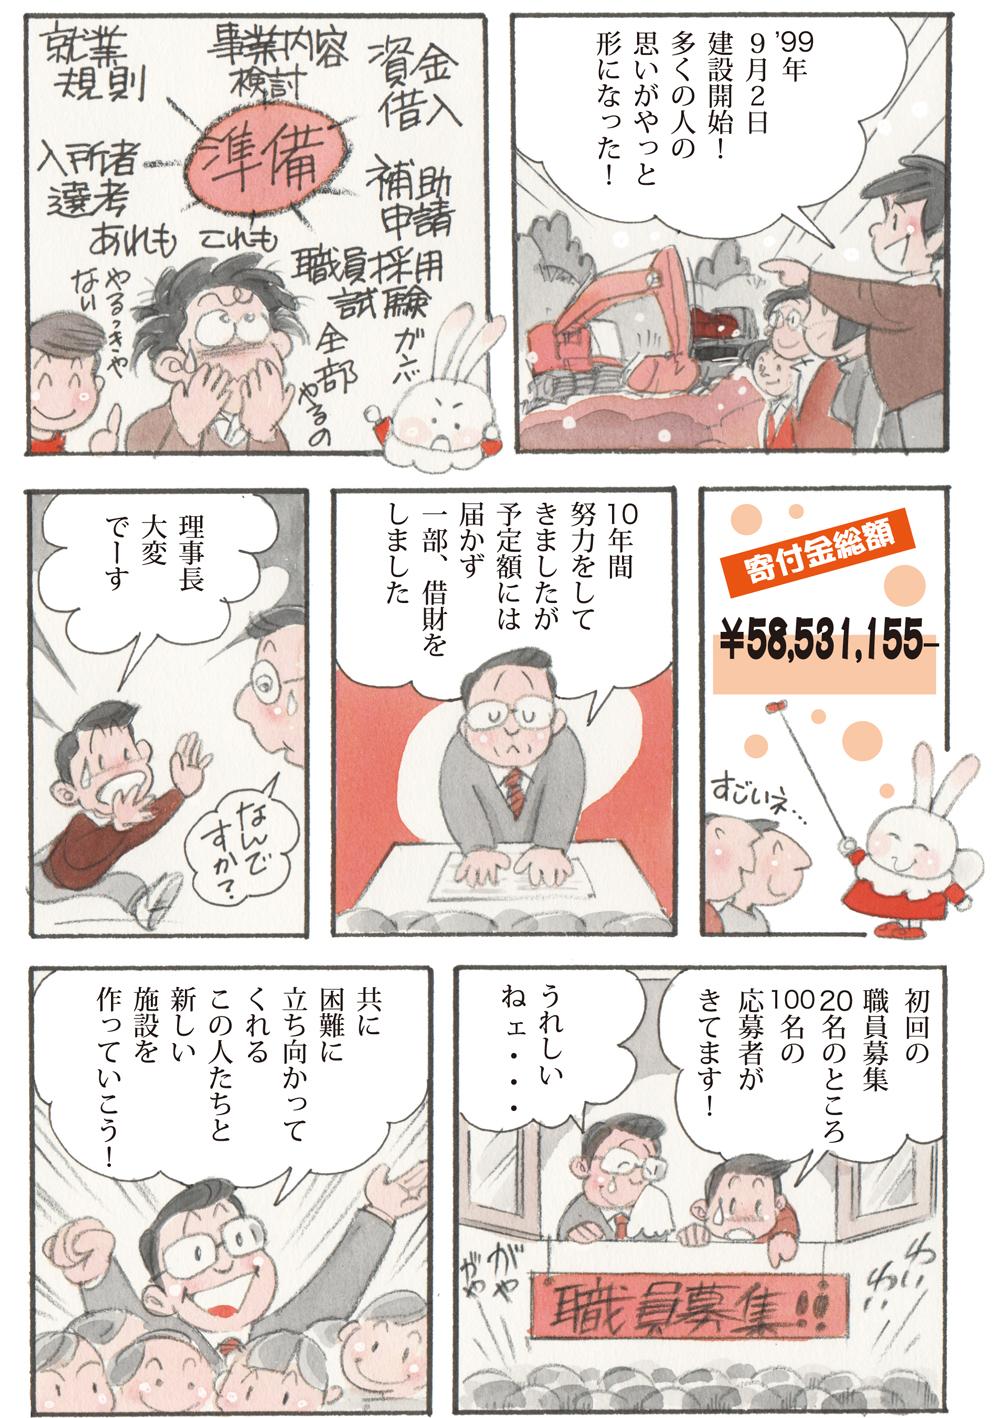 すみなす会誕生物語6p